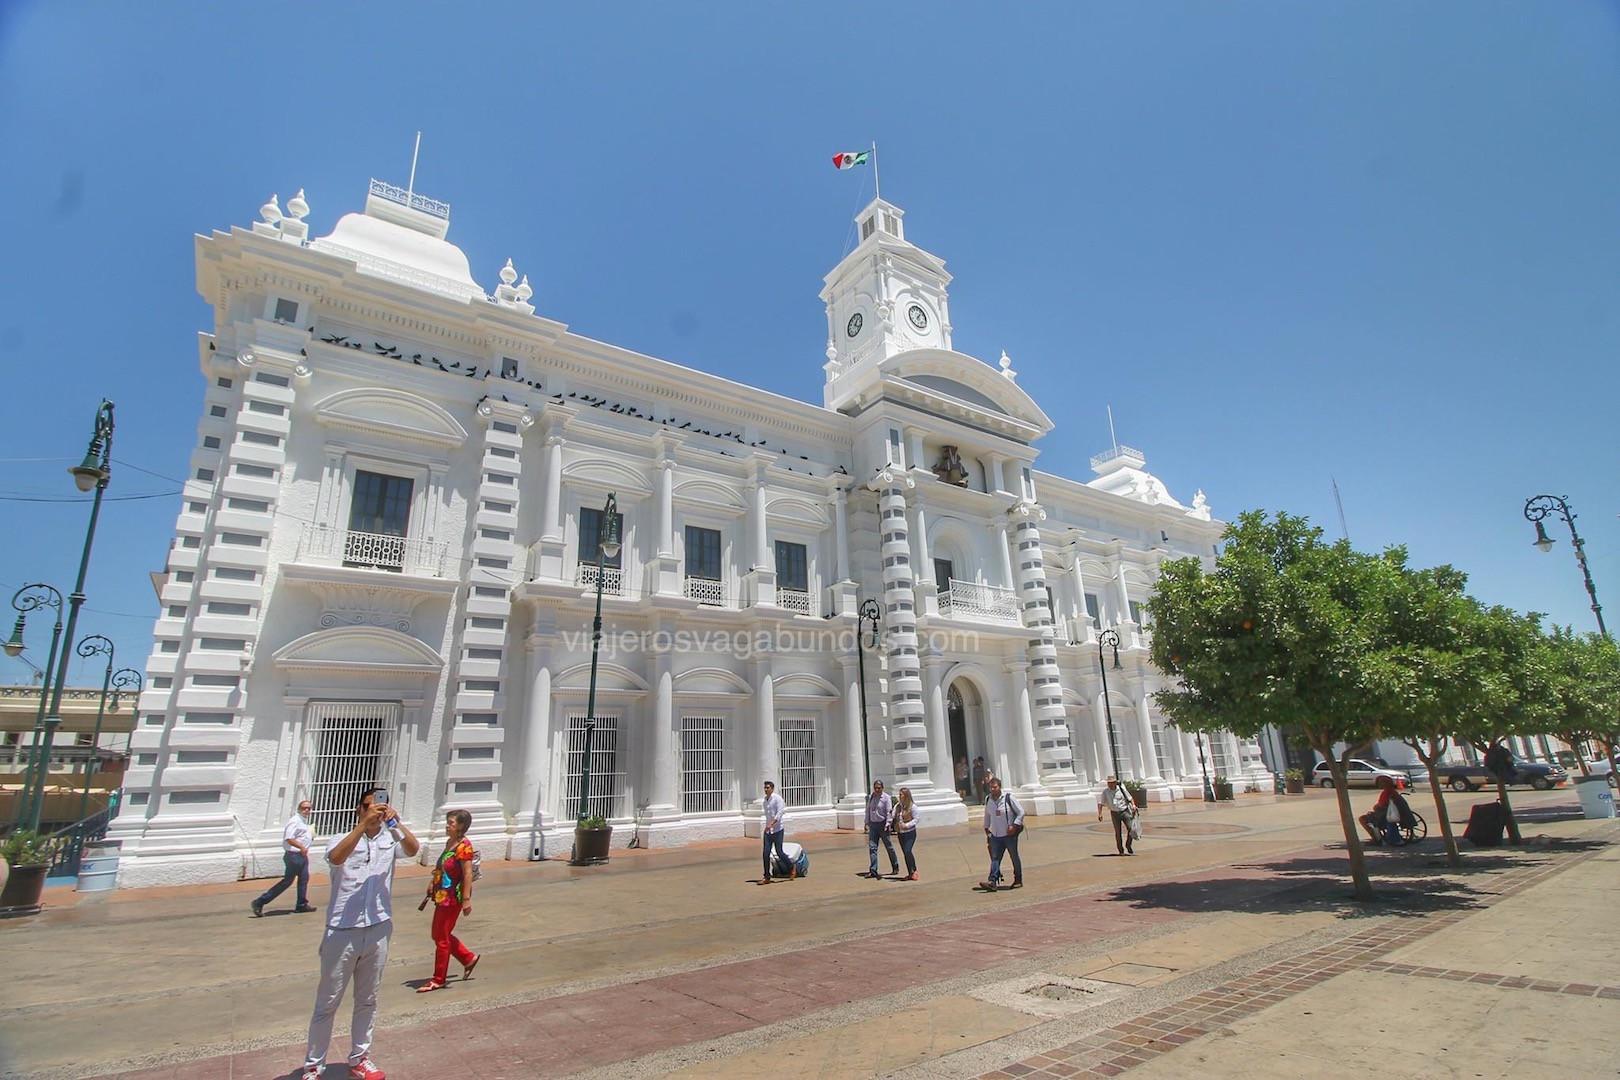 Lugares Turísticos de Hermosillo Sonora